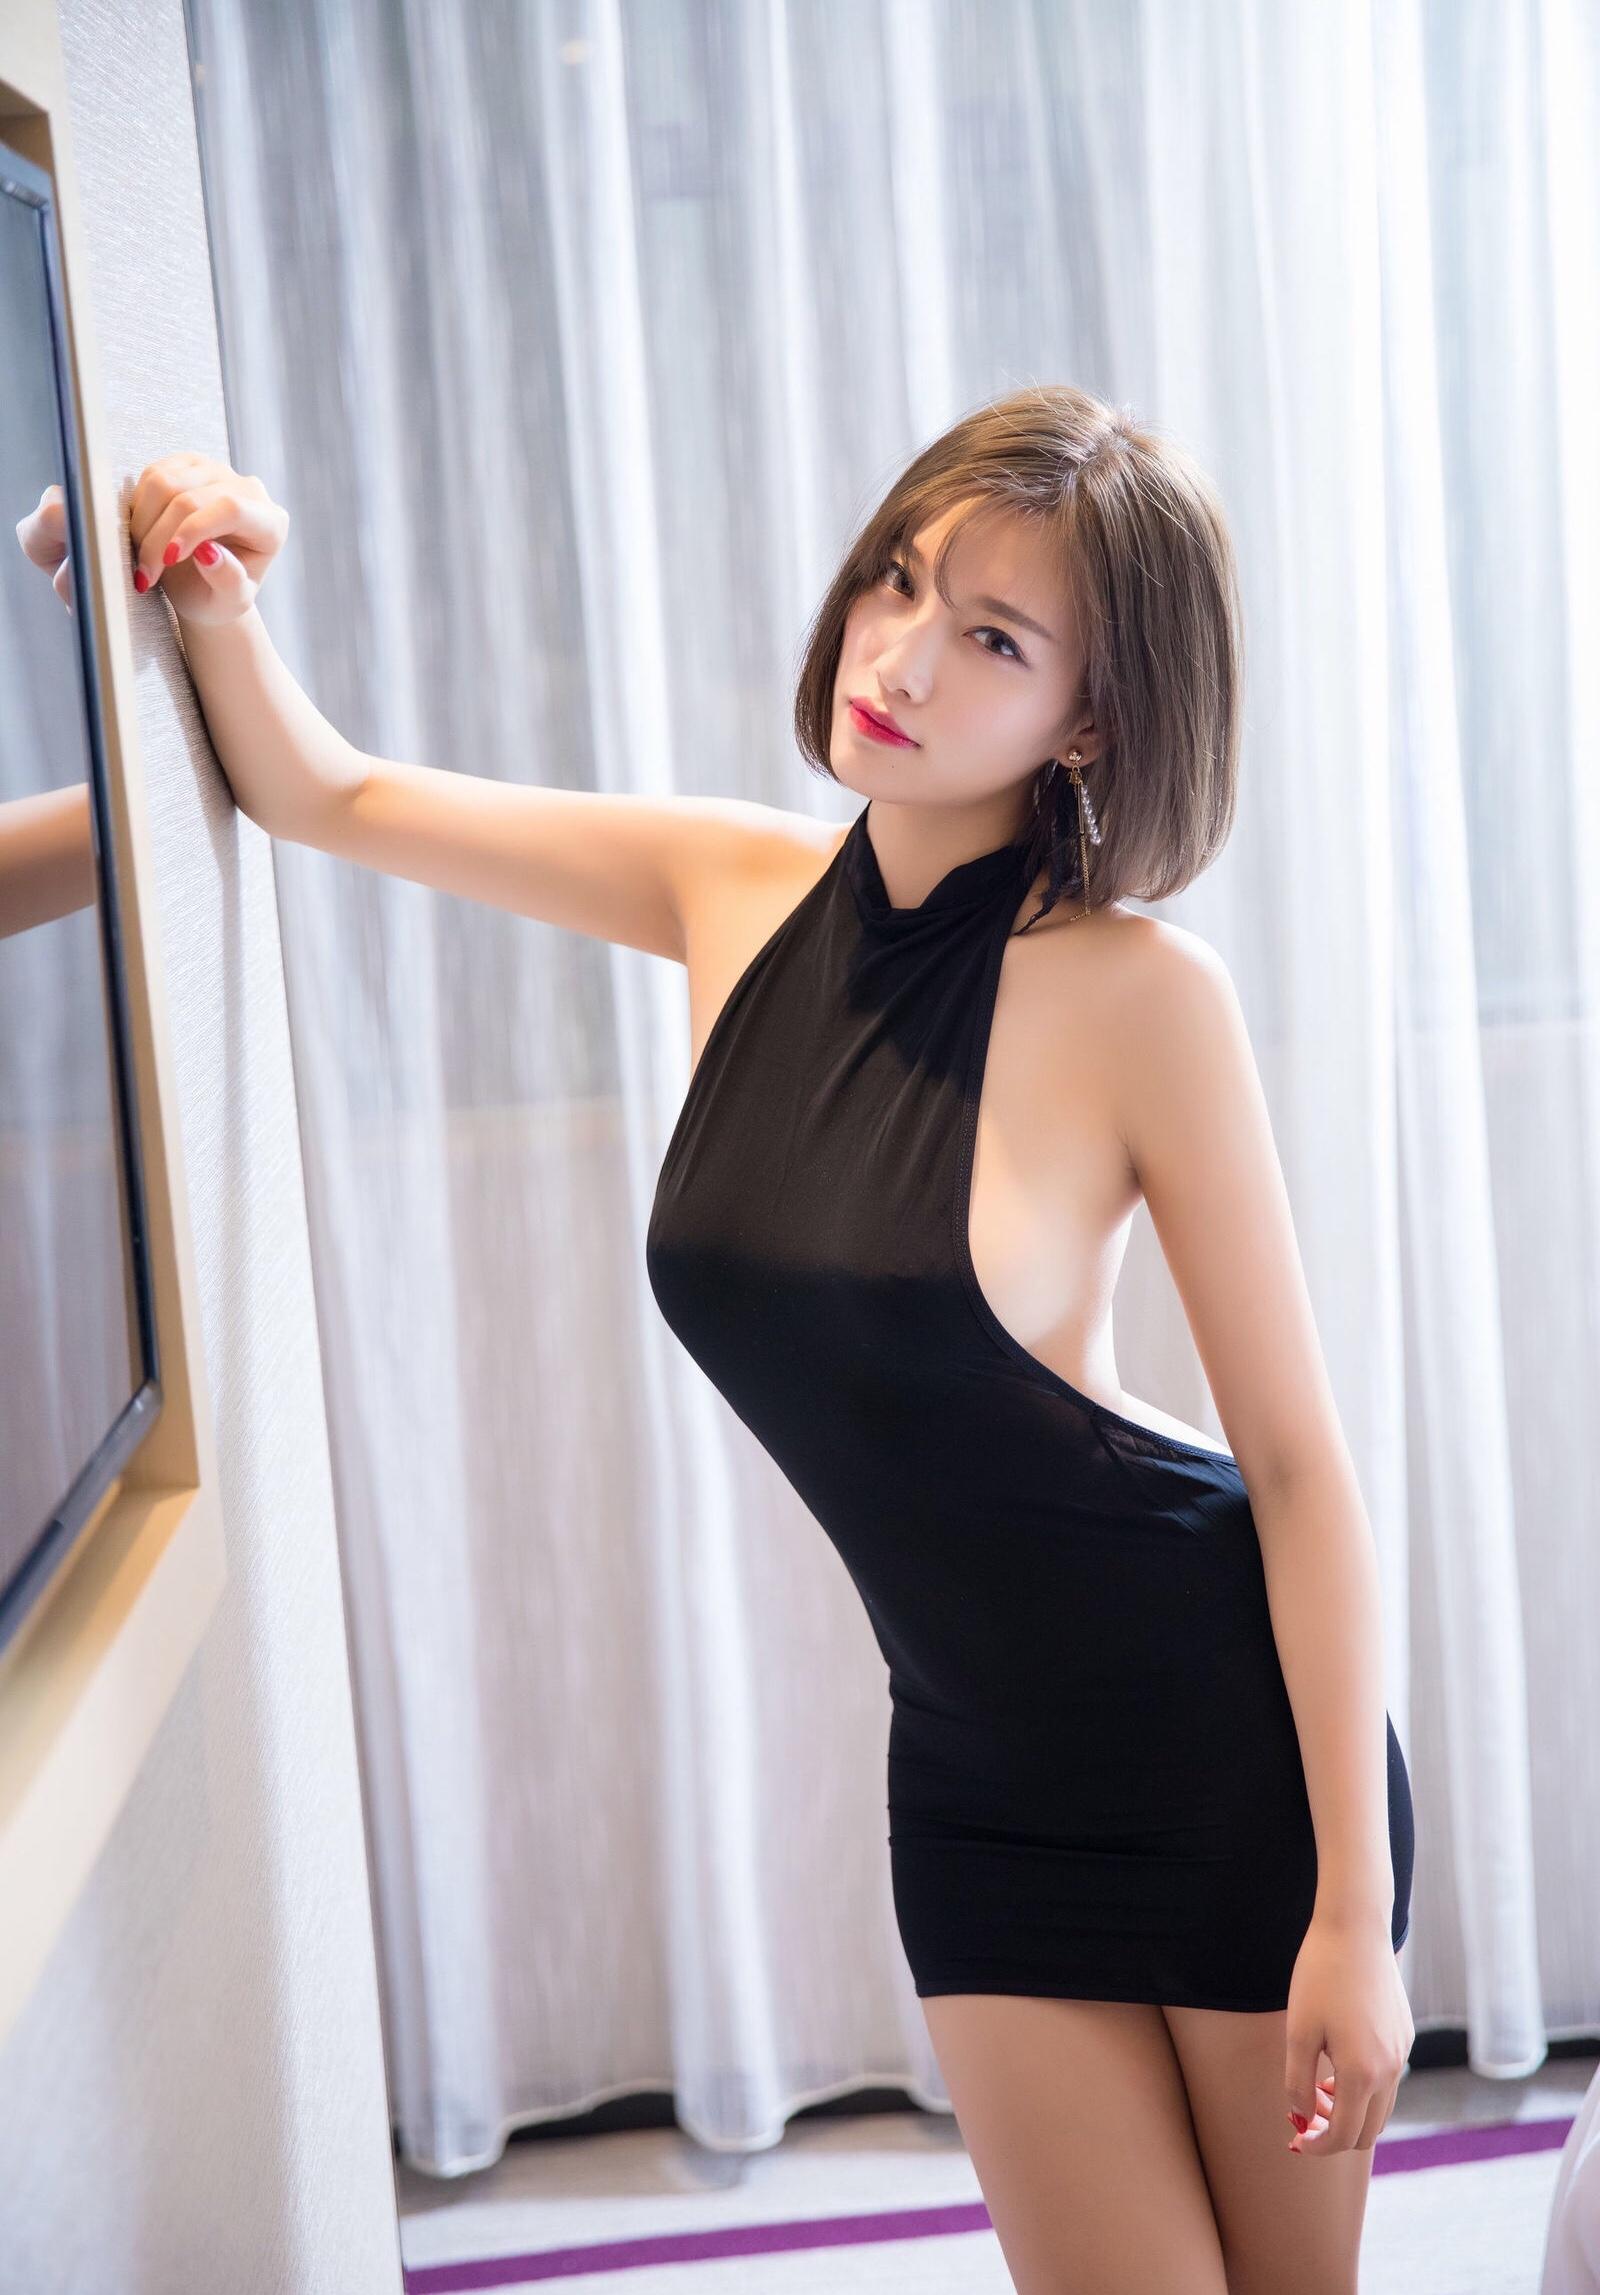 杨晨晨のセクシーすぎるボディコンドレス 20